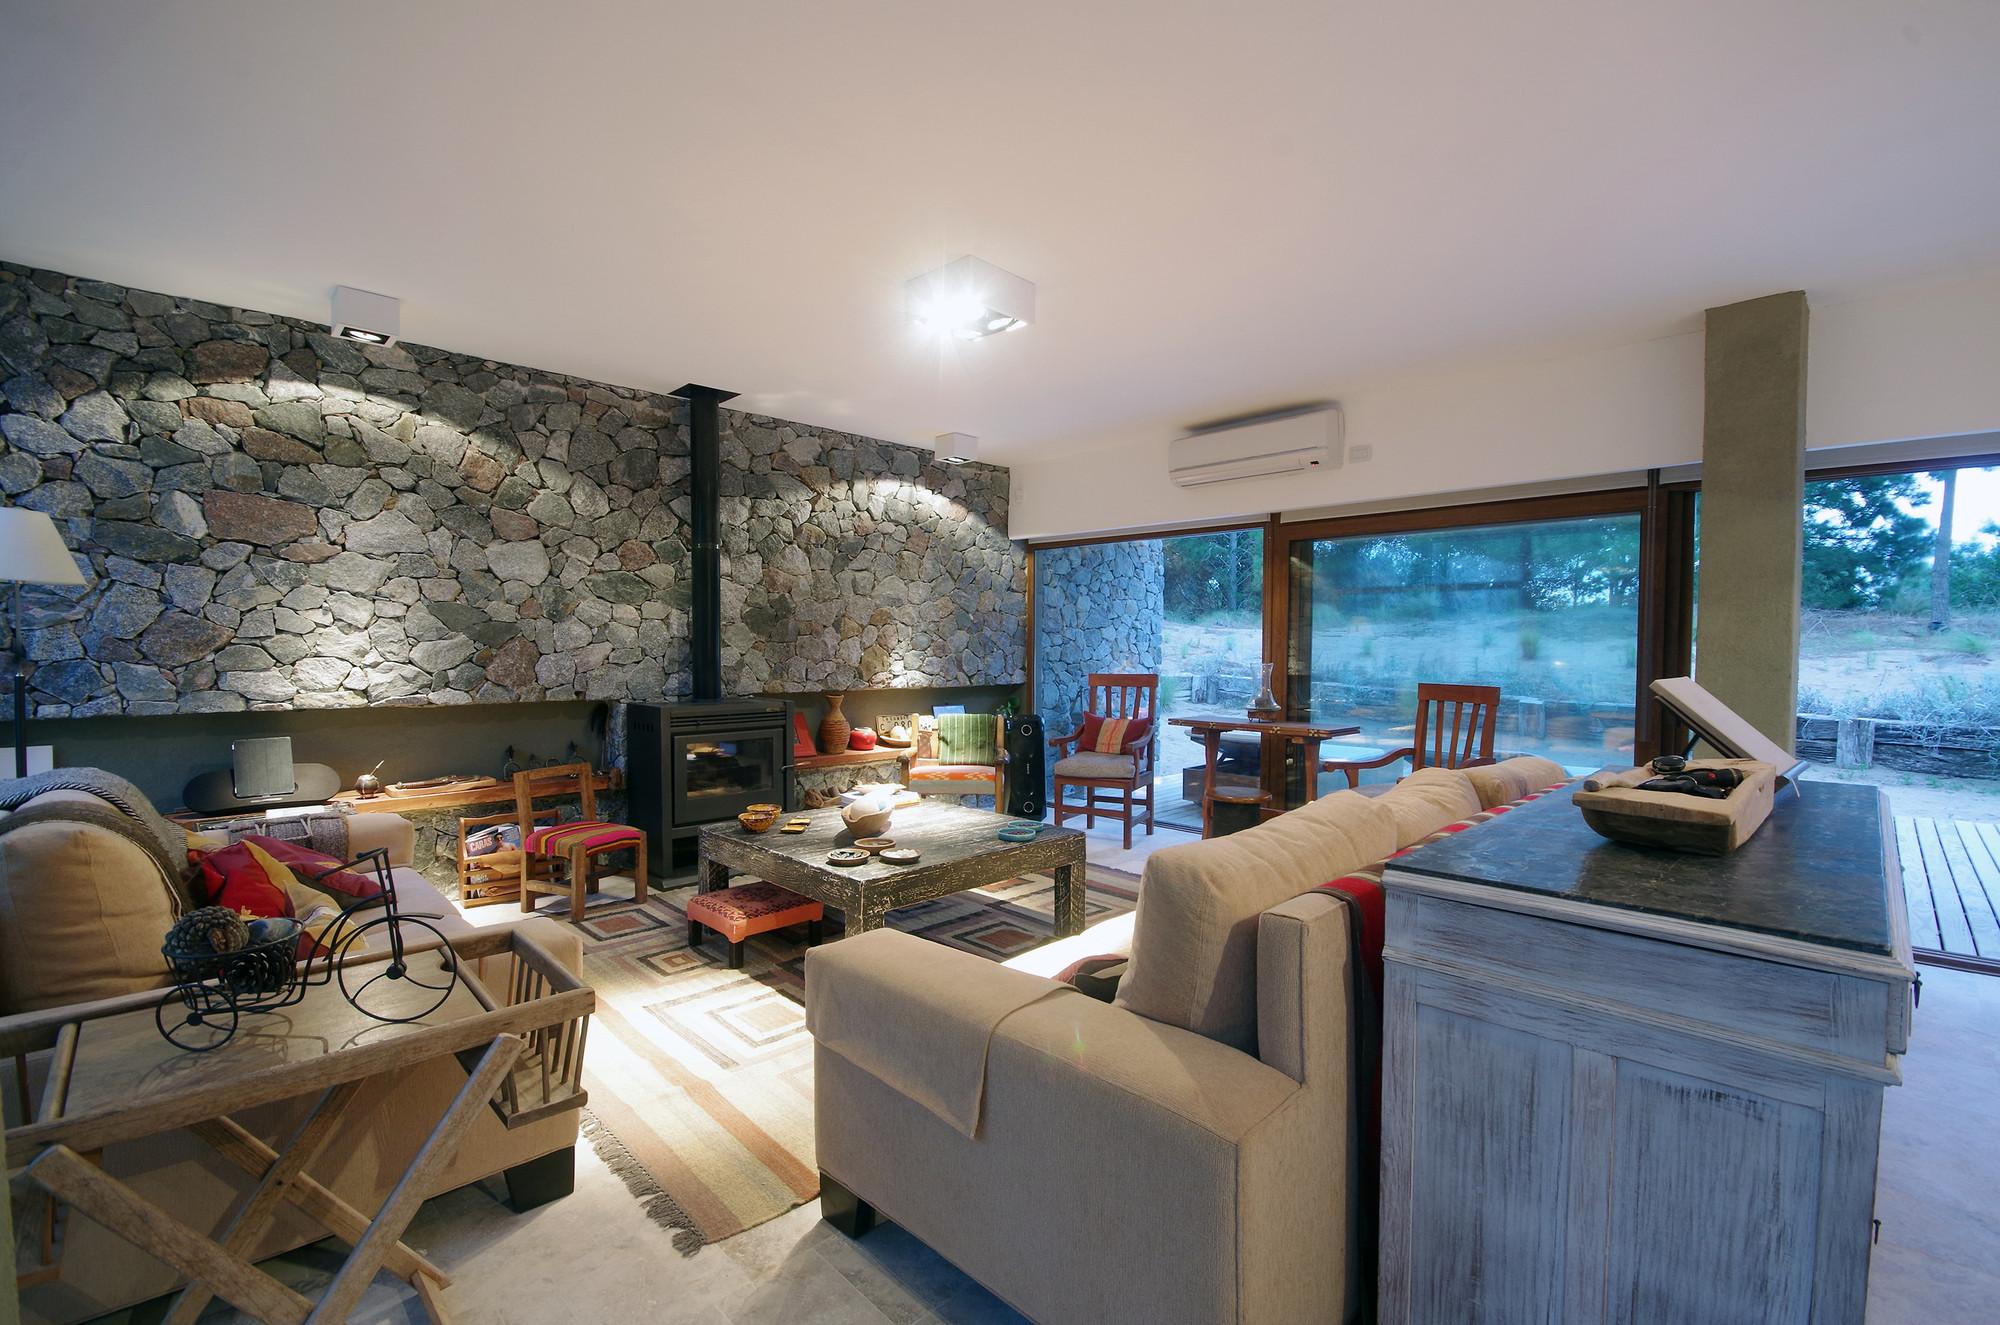 Gallery of el patio house lucas mc lean 6 for Casas minimalistas interiores